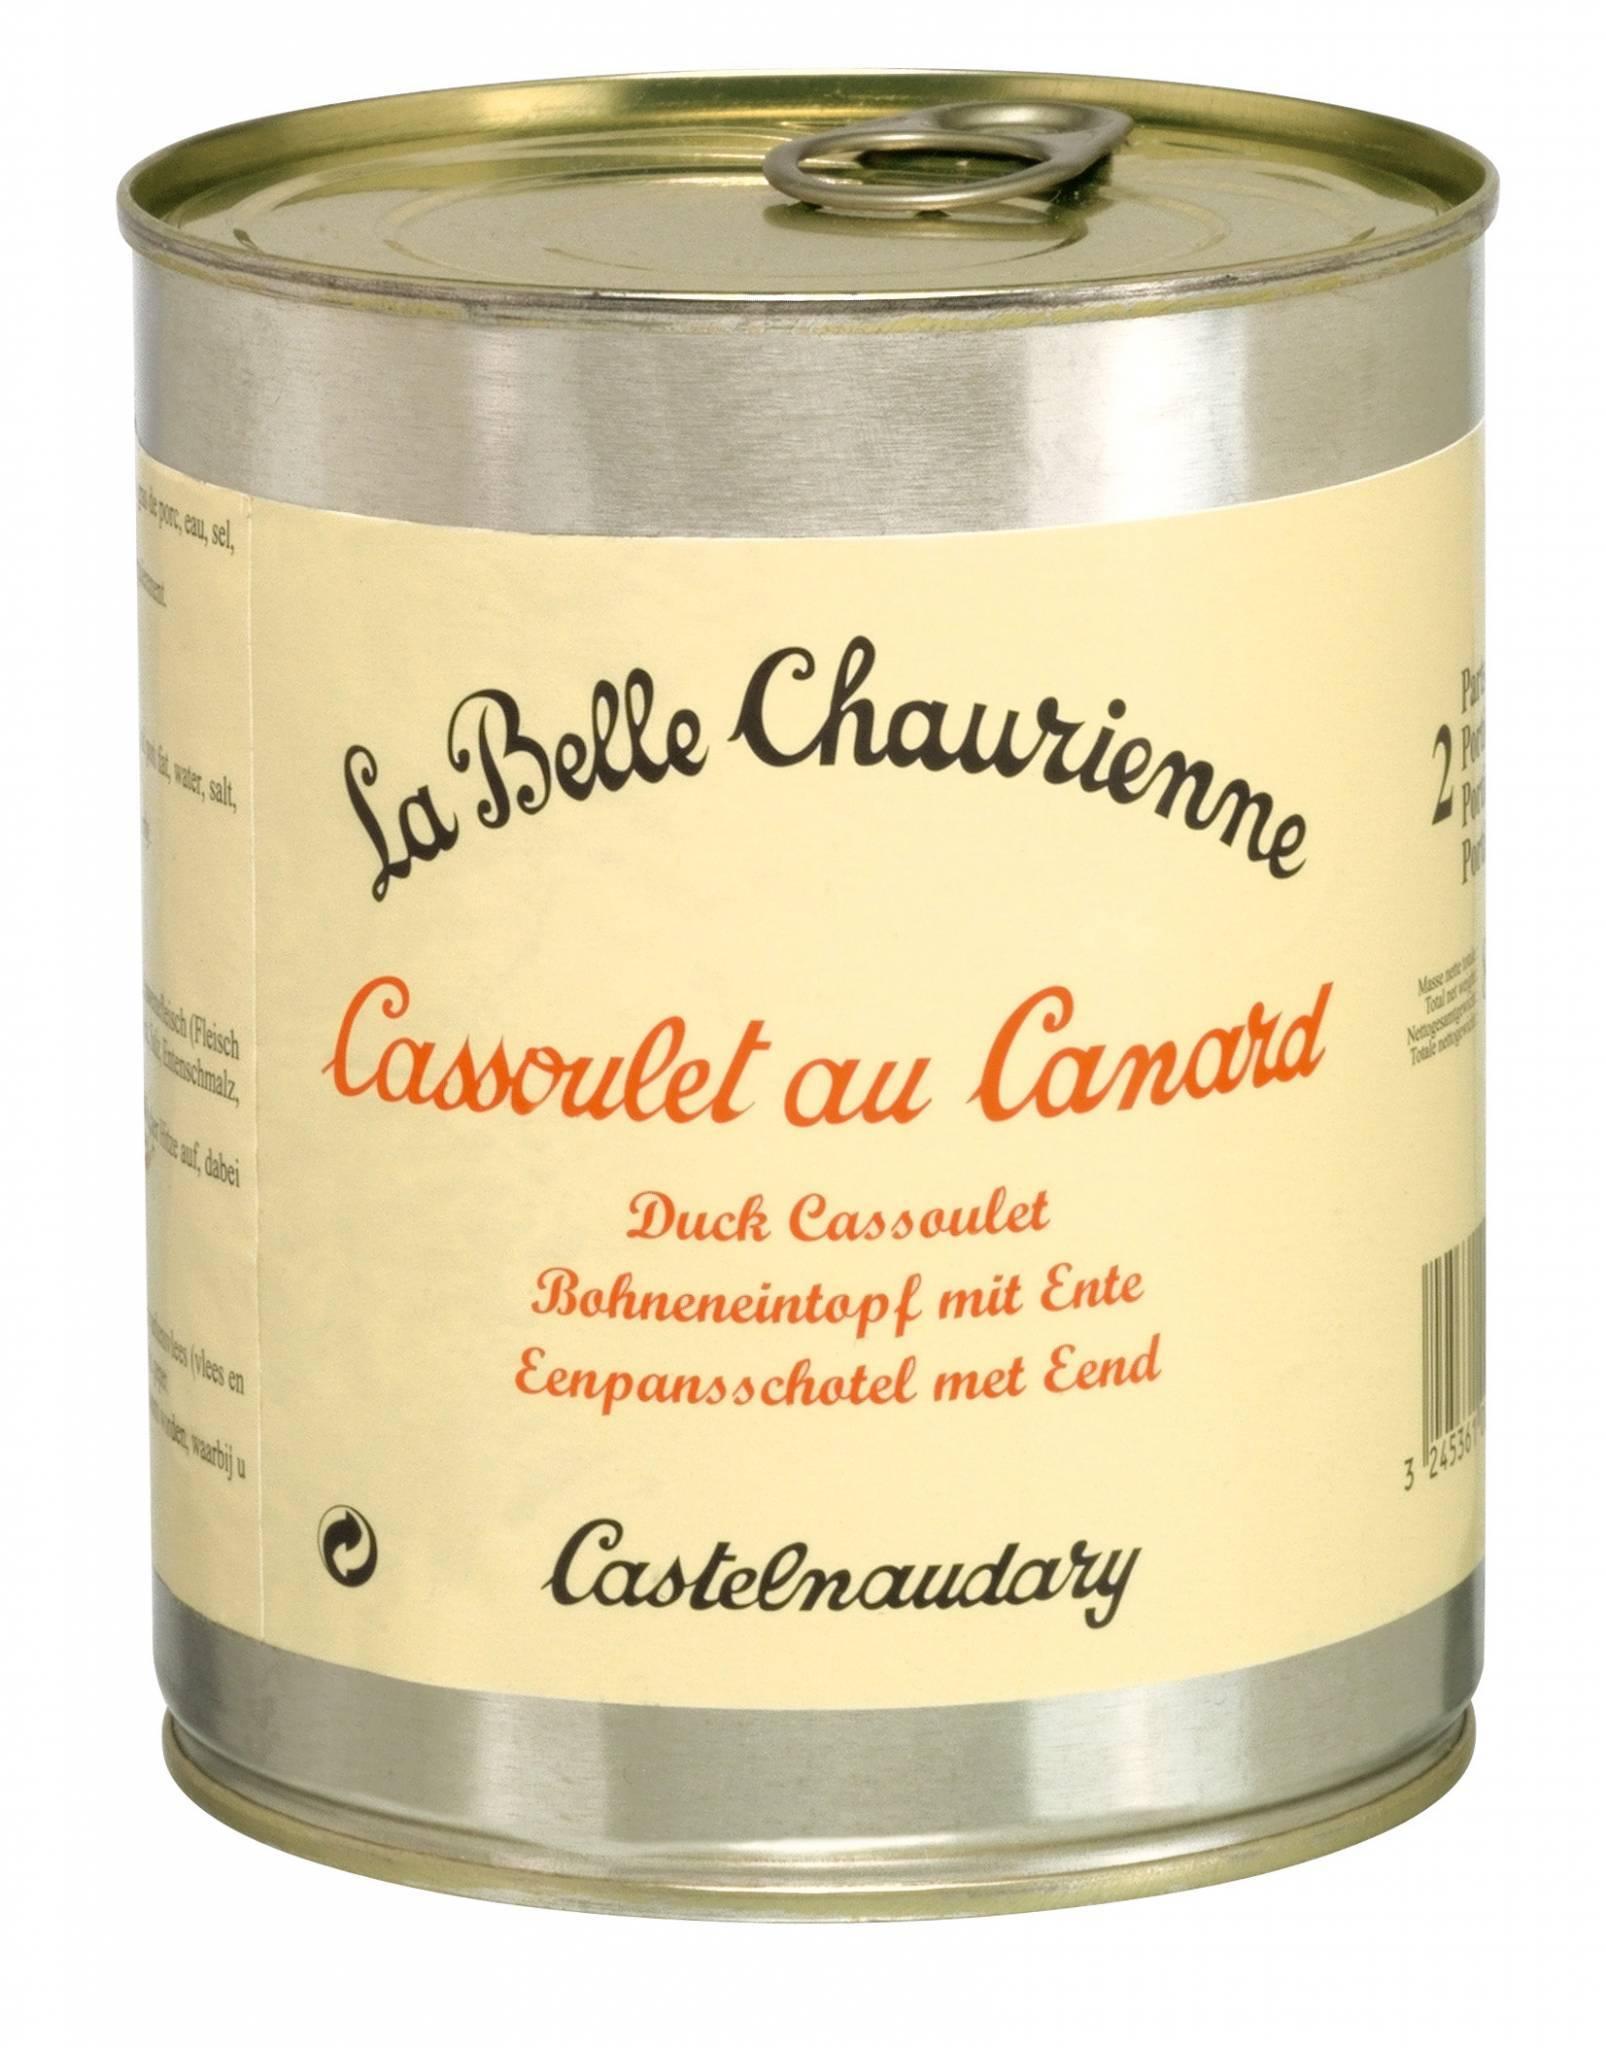 La Belle Chaurienne Duck Cassoulet